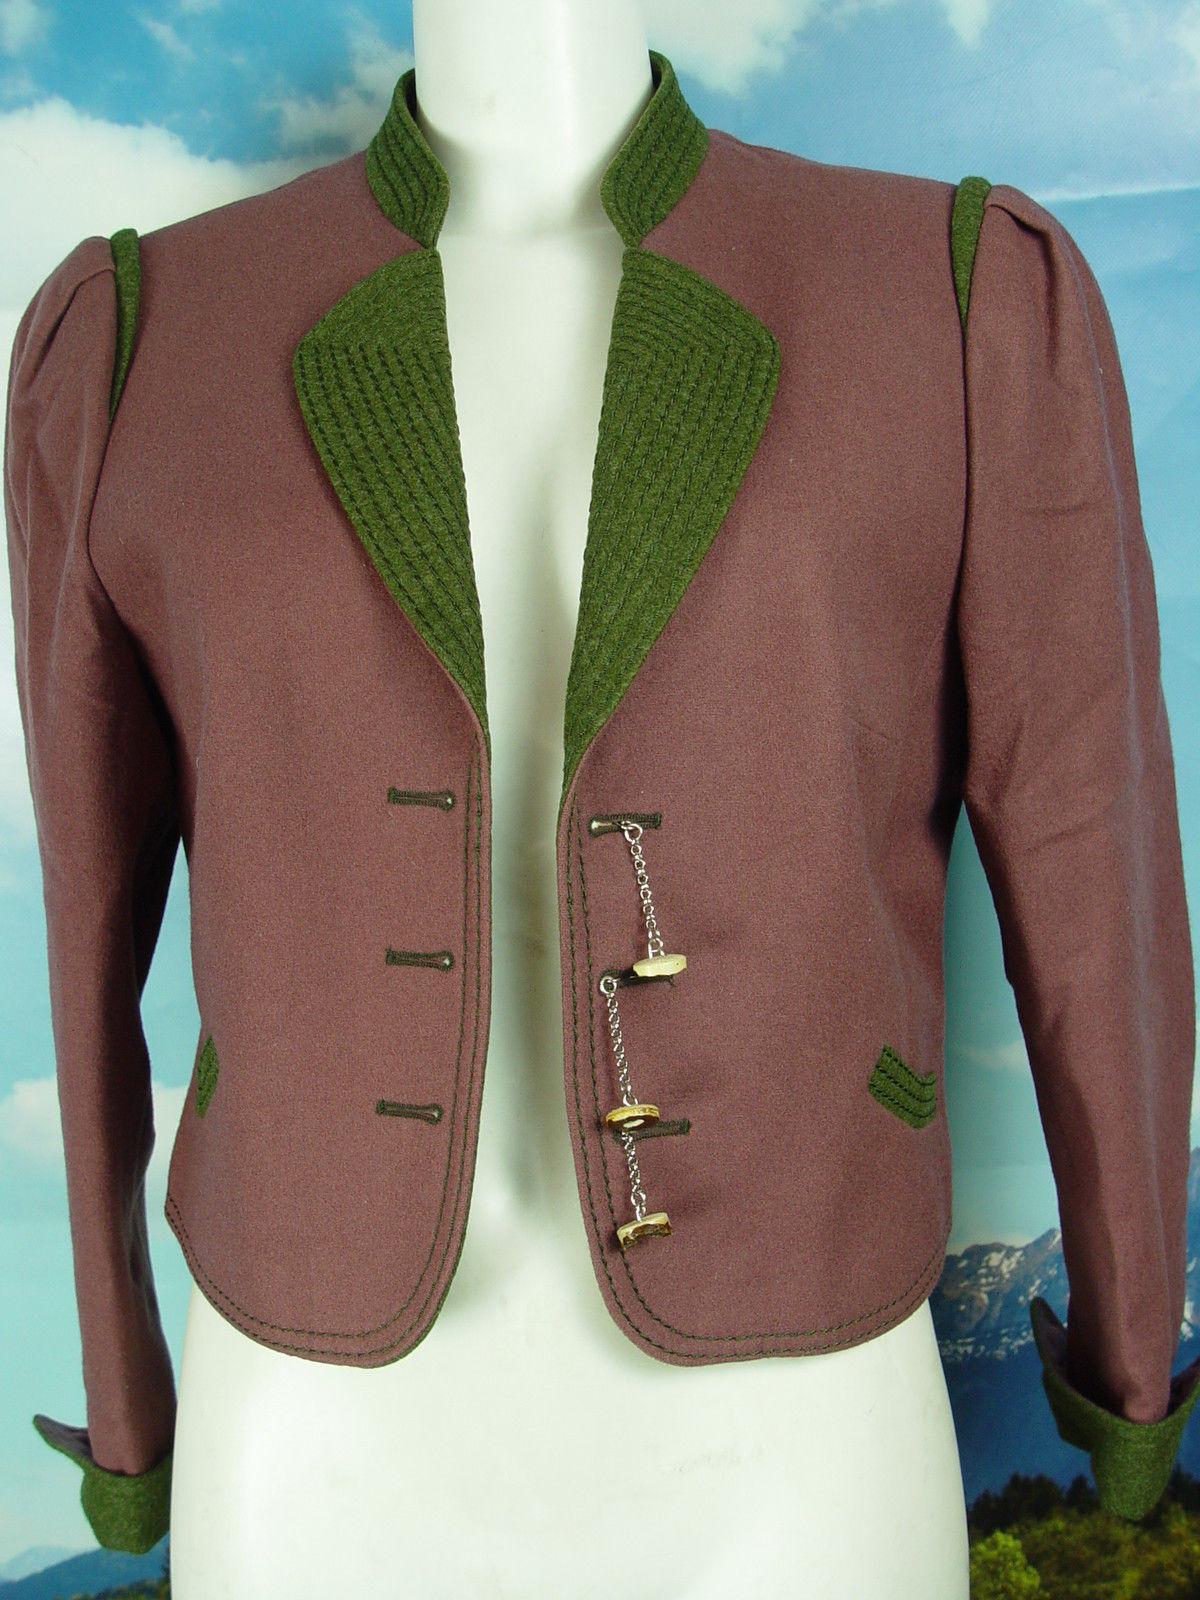 NEUF Cintreé Christa modes Loden-Janker veste 152 costumes veste Größe 42